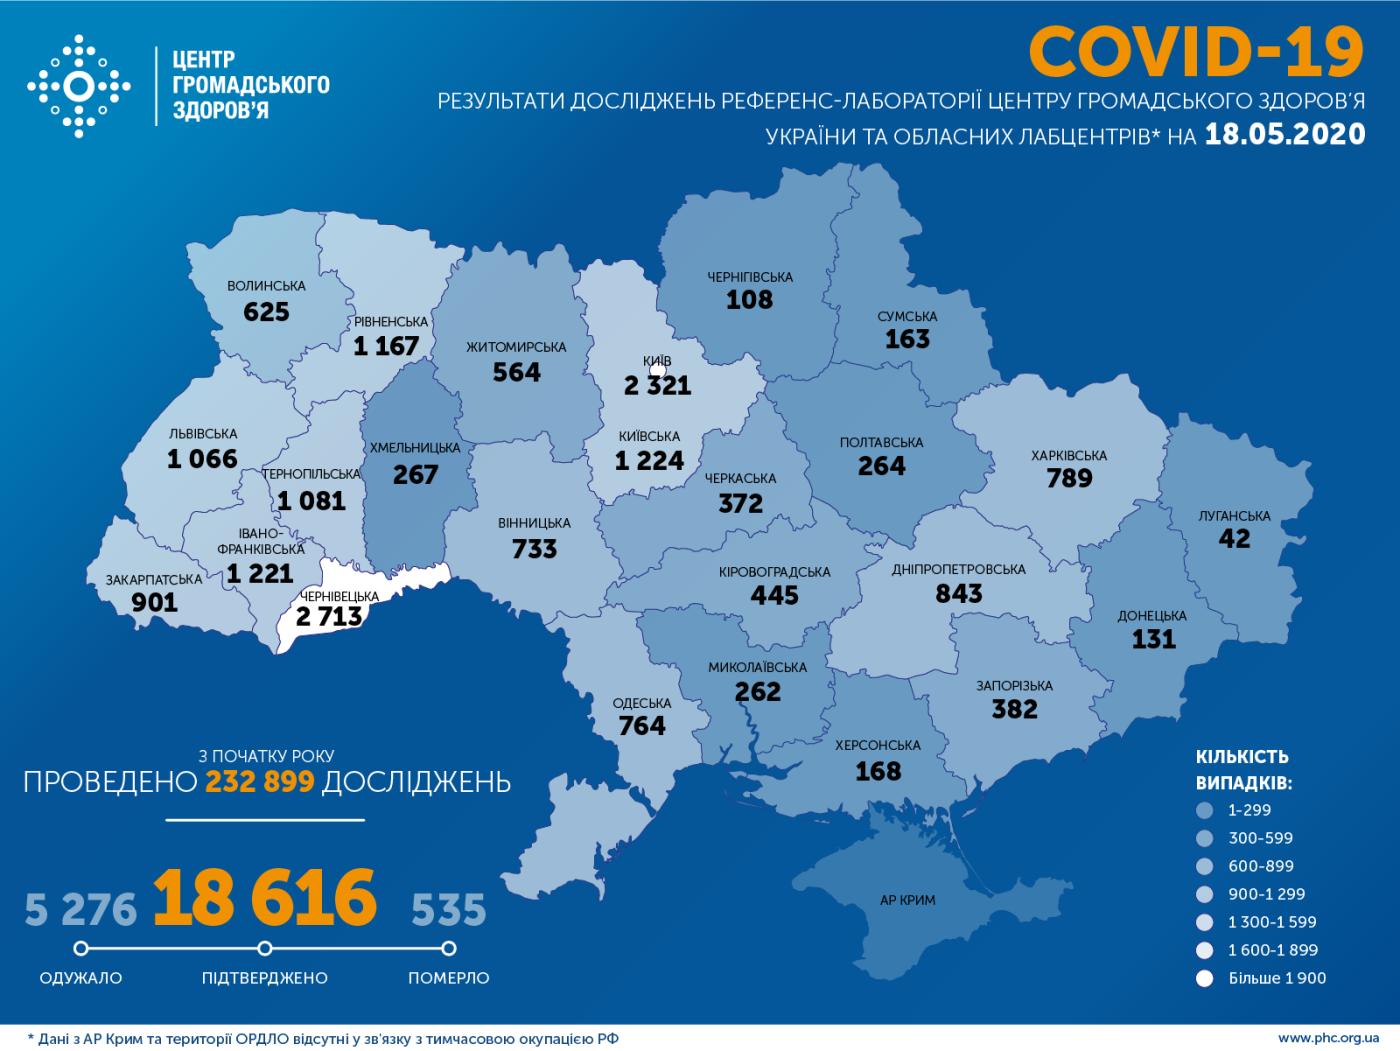 МОЗ: на Сумщині 163 випадки коронавірусу, а по Україні – 18 616, фото-1